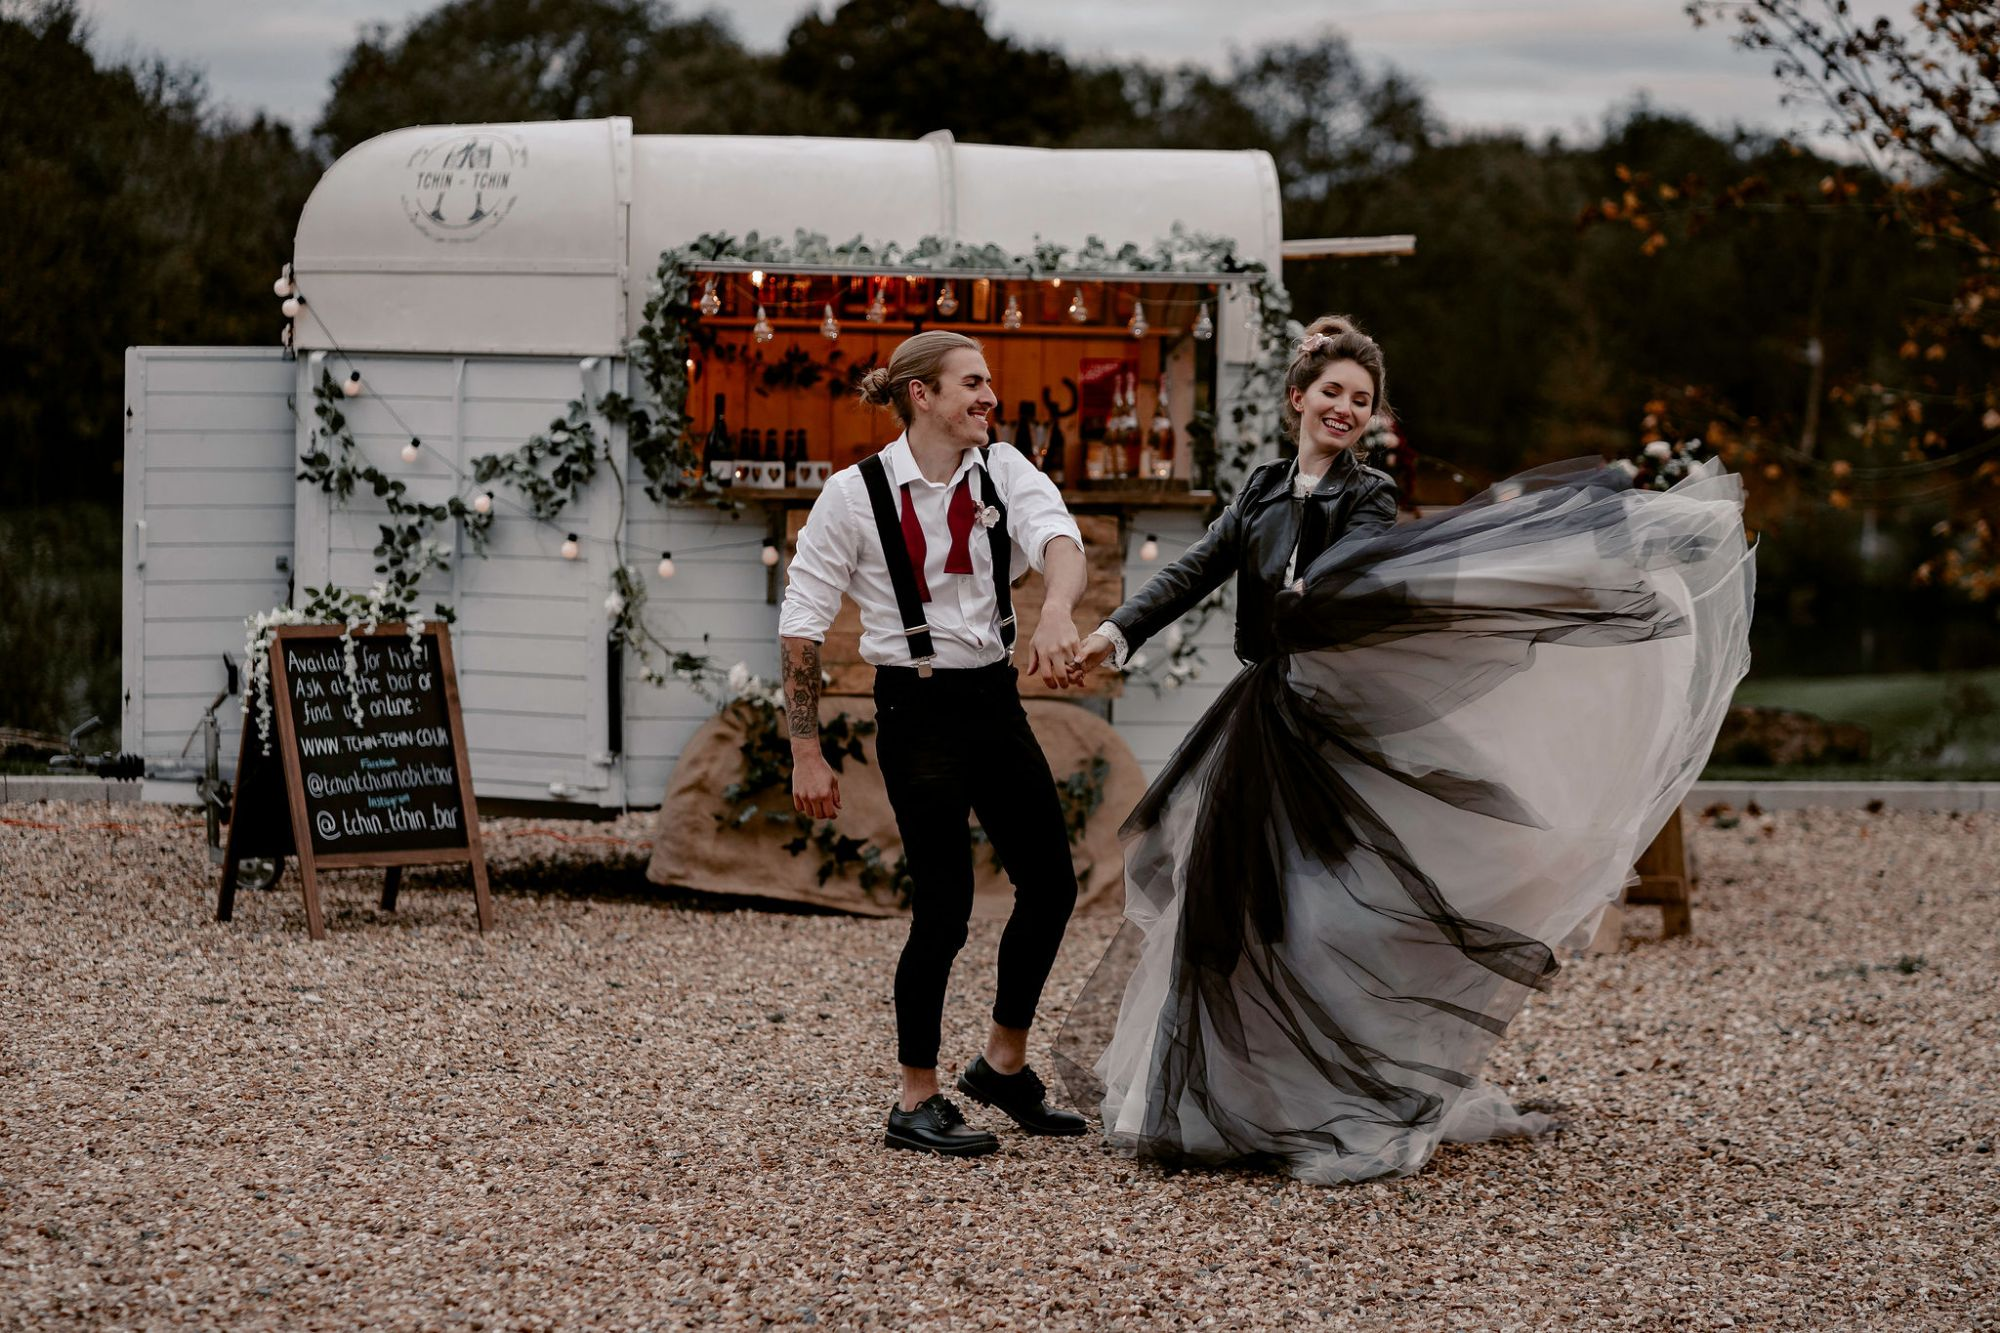 Black tulle alternative wedding dress skirt